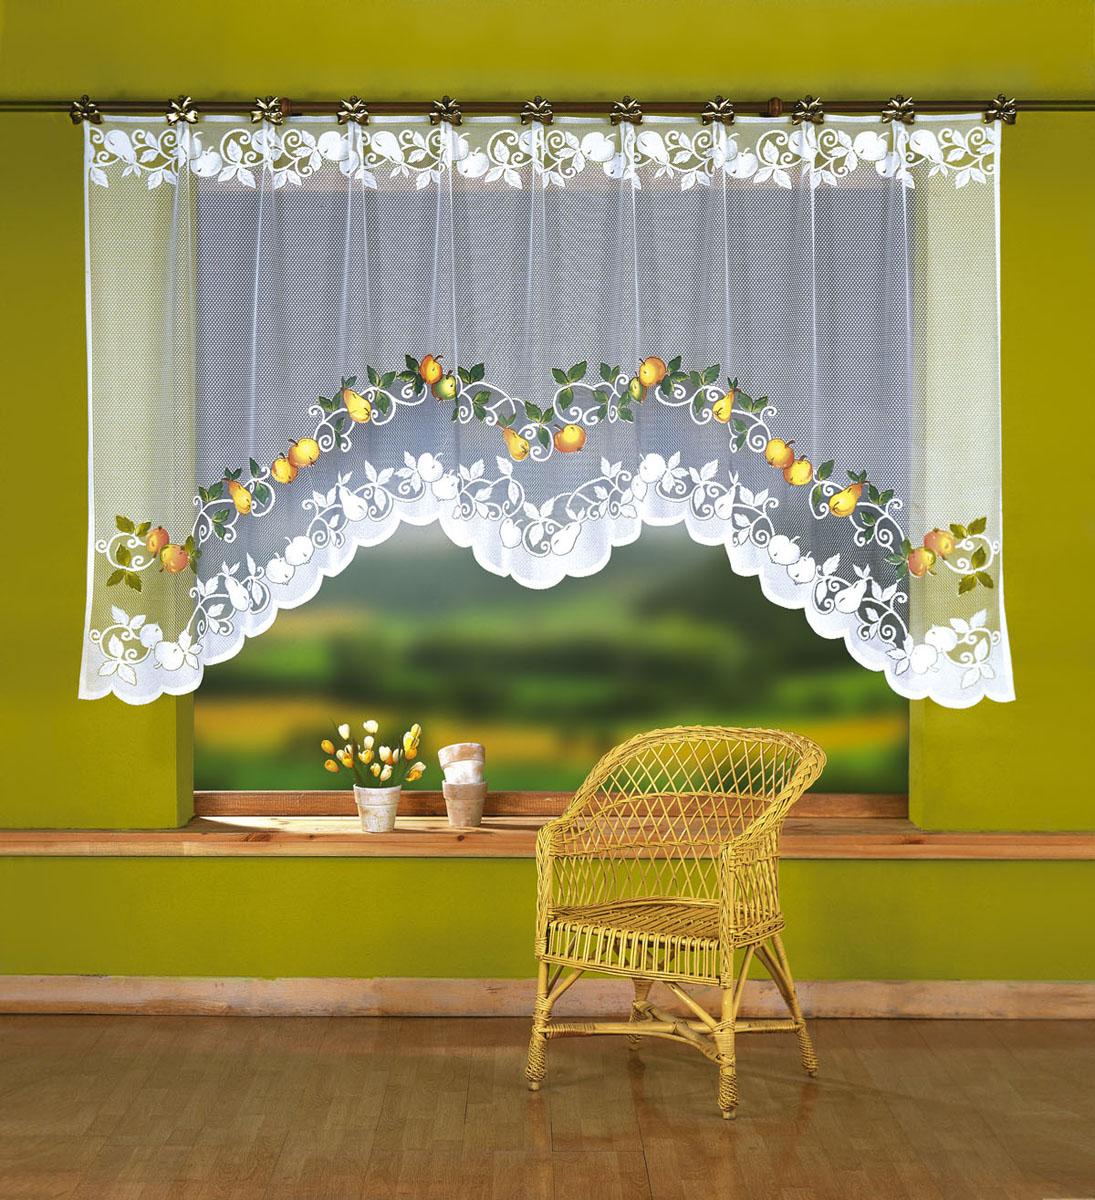 Штора для кухни Wisan, на ленте, цвет: белый, желтый, зеленый, высота 150 см. 2347VCA-00Штора-арка Wisan, выполненная из легкого полупрозрачного полиэстера белого цвета, станет великолепным украшением кухонного окна. Изделие имеет ассиметричную длину и красивый орнамент в виде яблок и груш. Качественный материал и оригинальный дизайн привлекут к себе внимание и позволят шторе органично вписаться в интерьер помещения. Штора оснащена шторной лентой под зажимы для крепления на карниз.